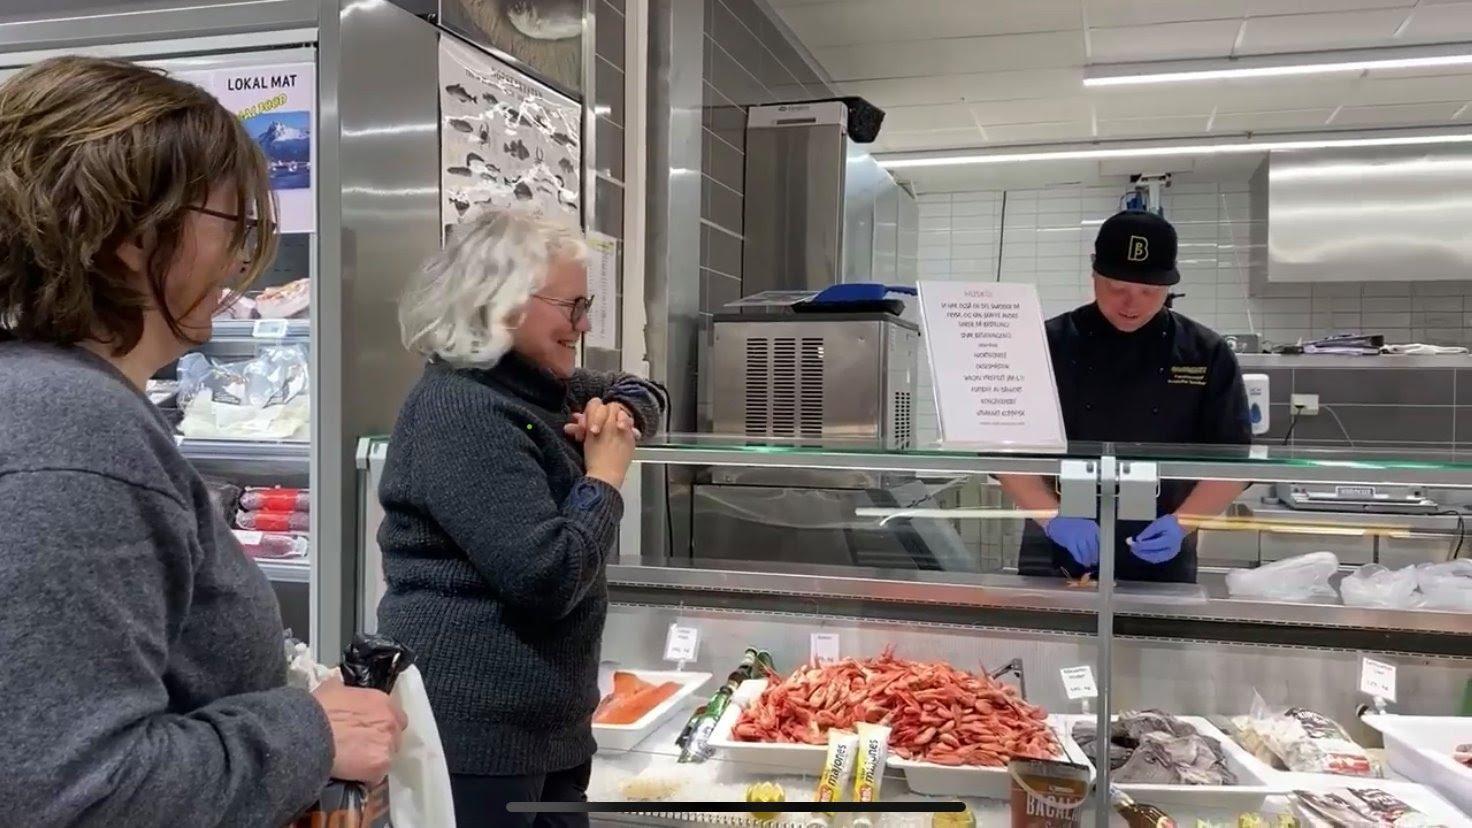 Et bilde som inneholder innendørs, person, mat, kvinne  Automatisk generert beskrivelse